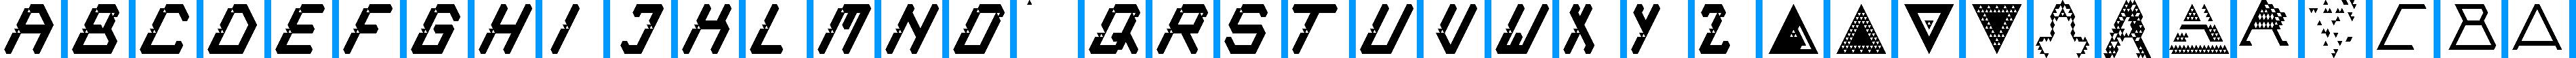 Particip-a-type v.214